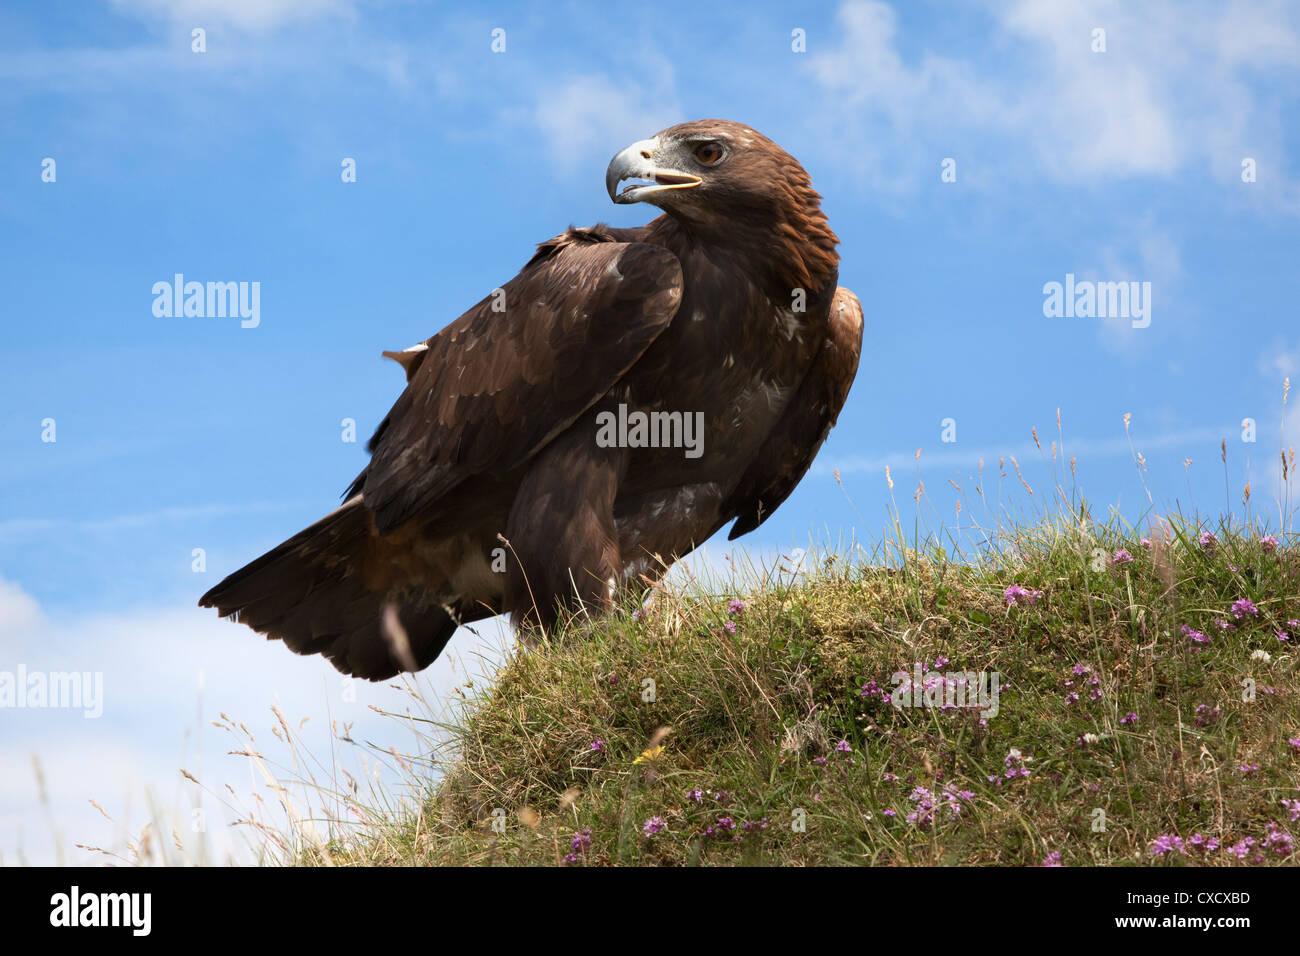 Steinadler (Aquila Chrysaetos), Gefangenschaft, Vereinigtes Königreich, Europa Stockbild